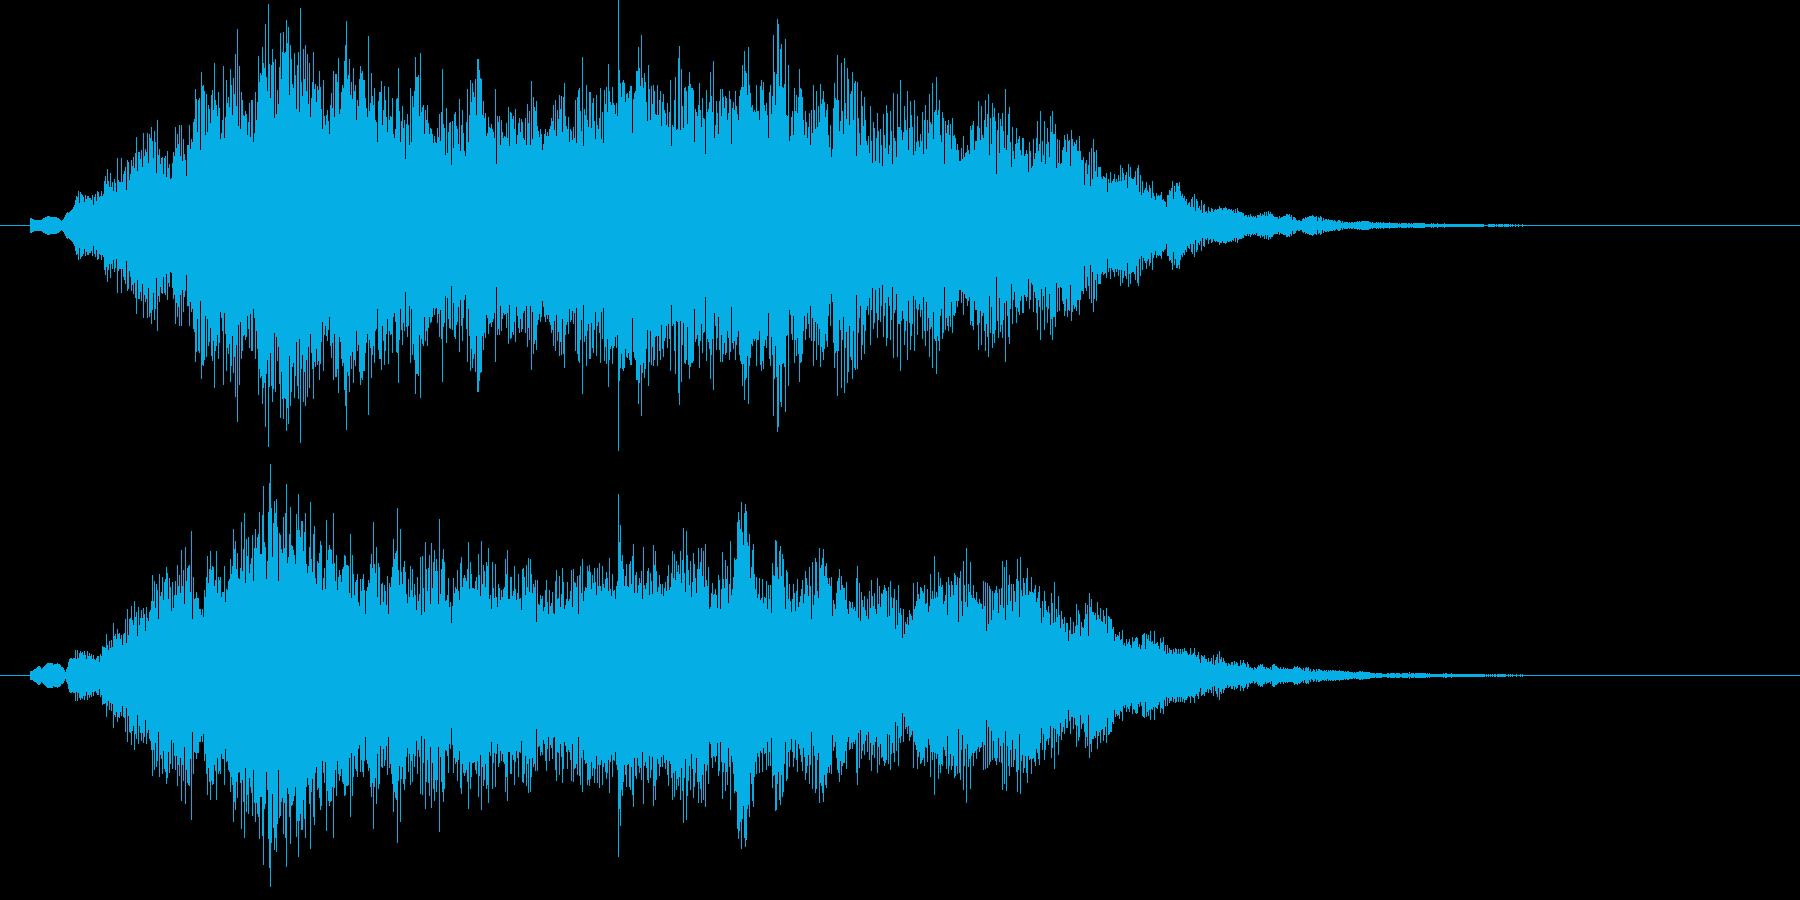 幻想的でキラキラしたサウンドロゴの再生済みの波形